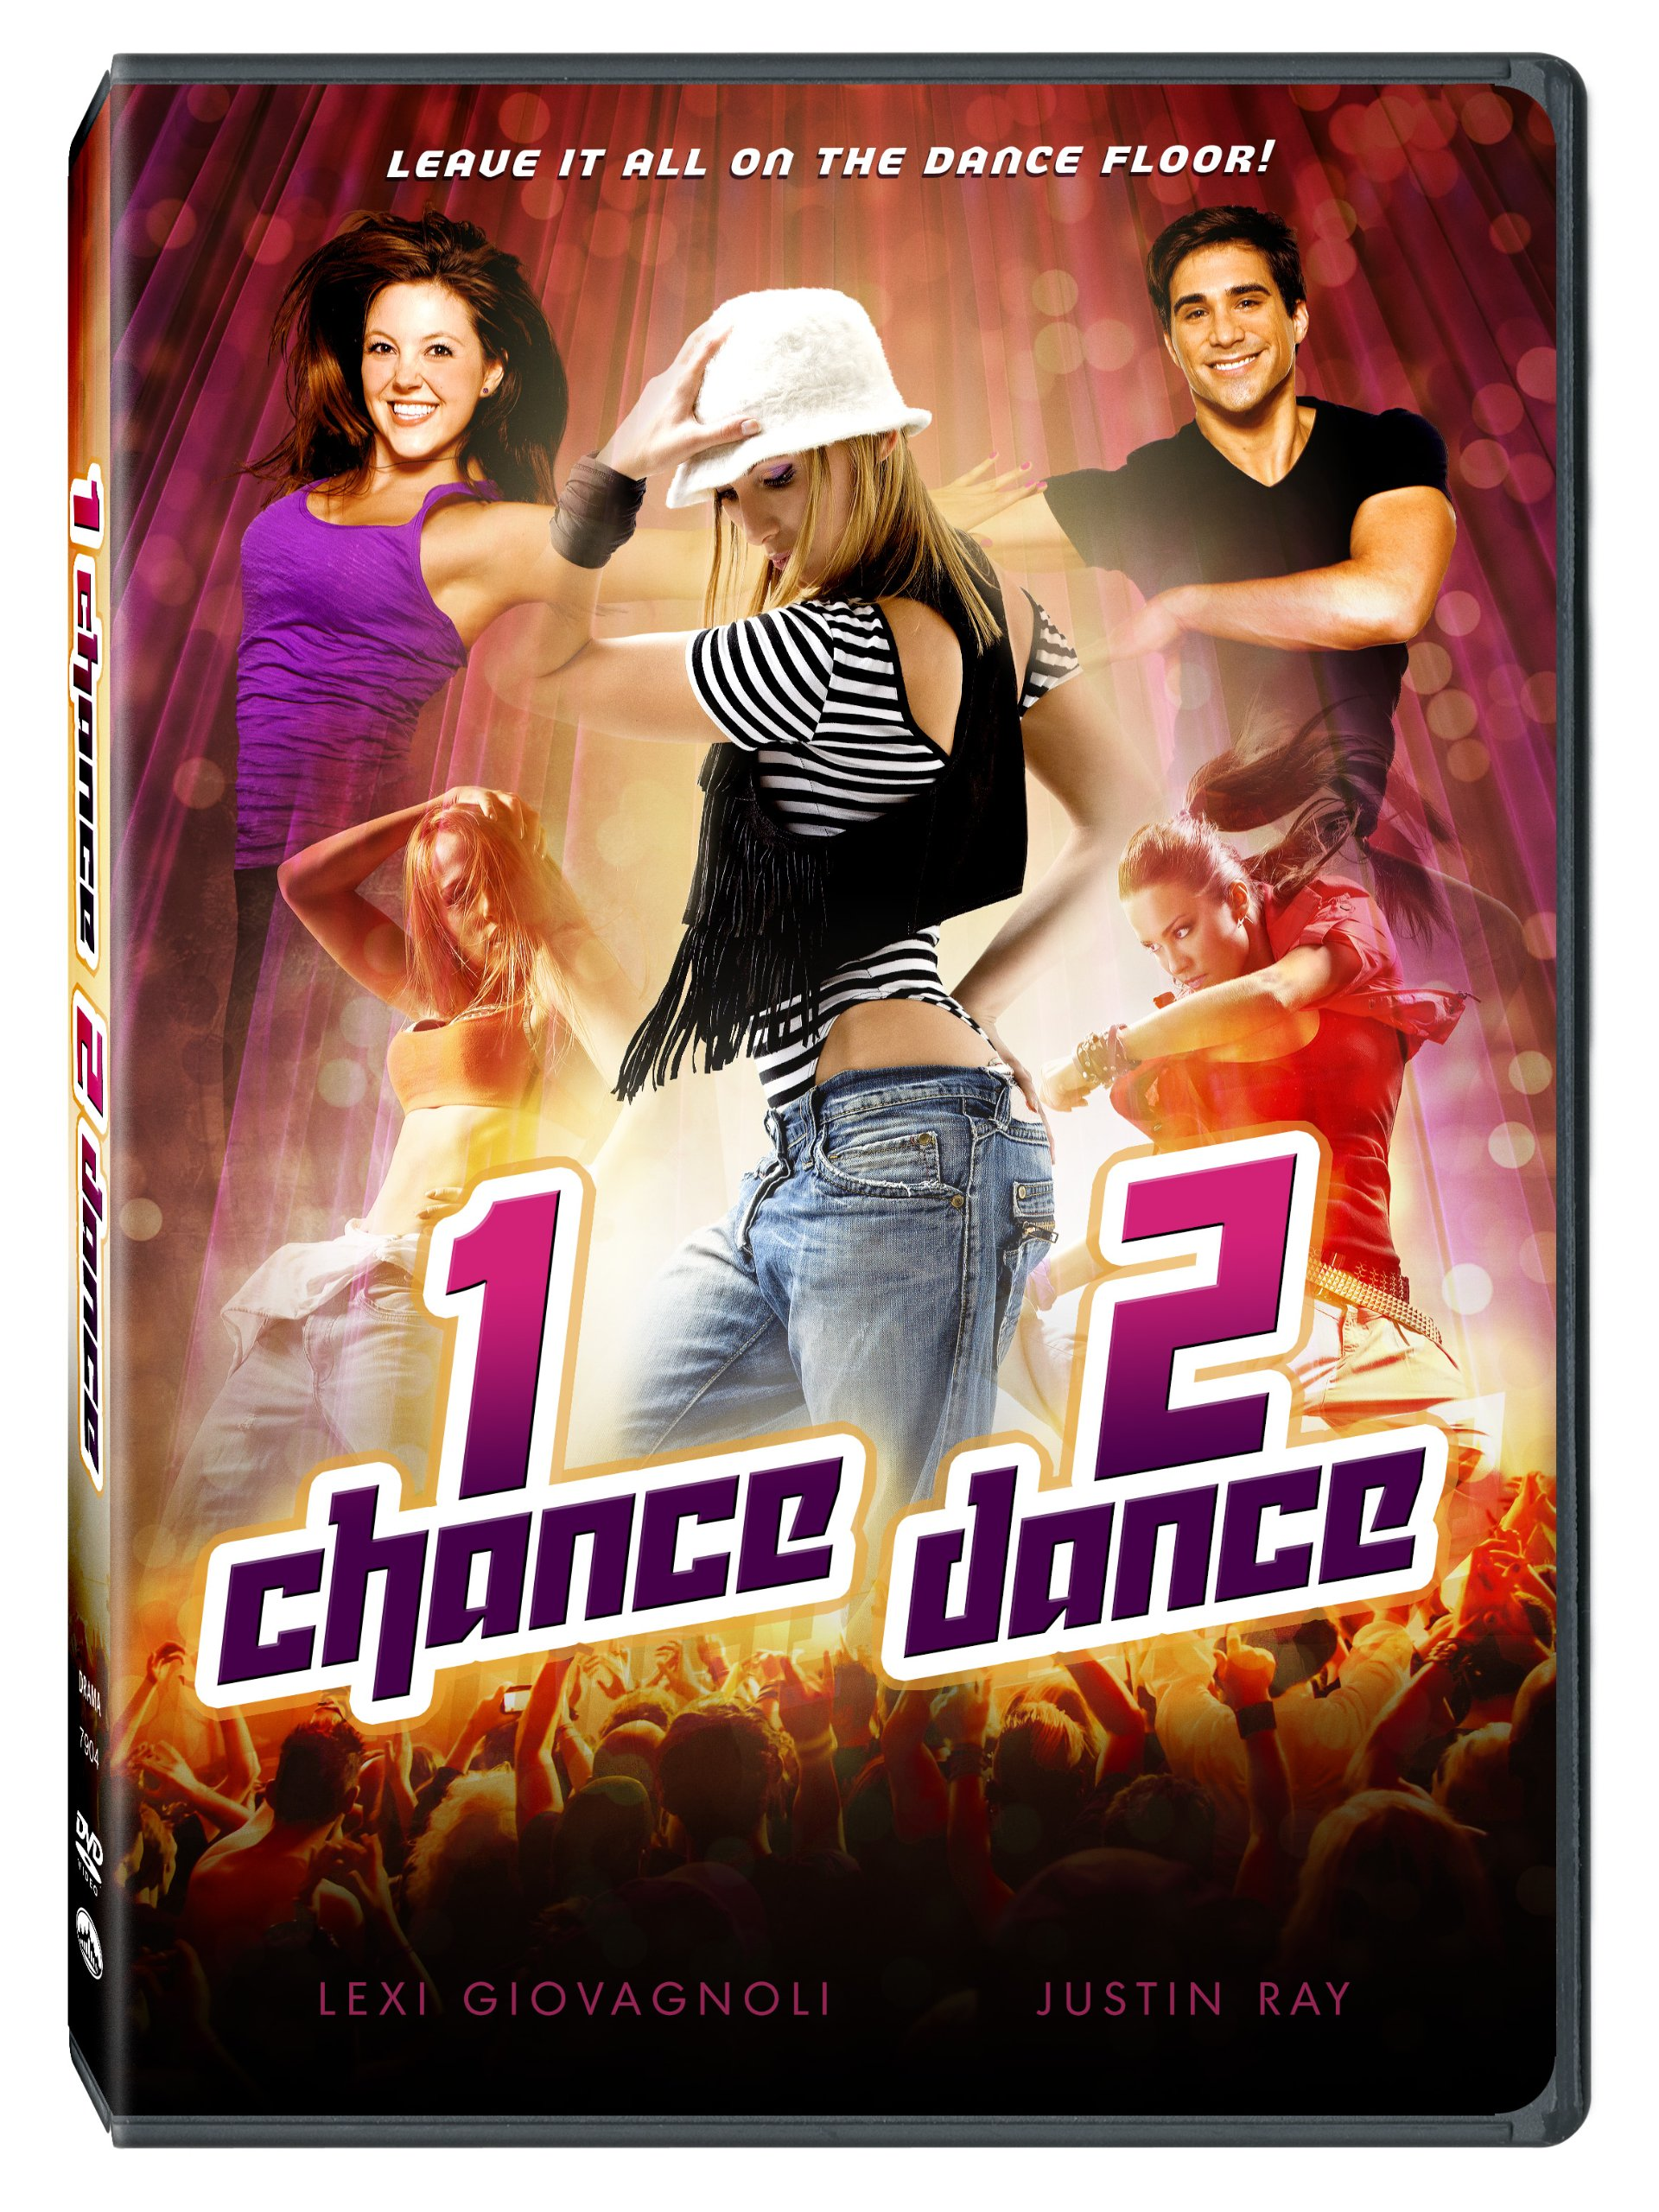 DVD : 1 Chance 2 Dance (DVD)